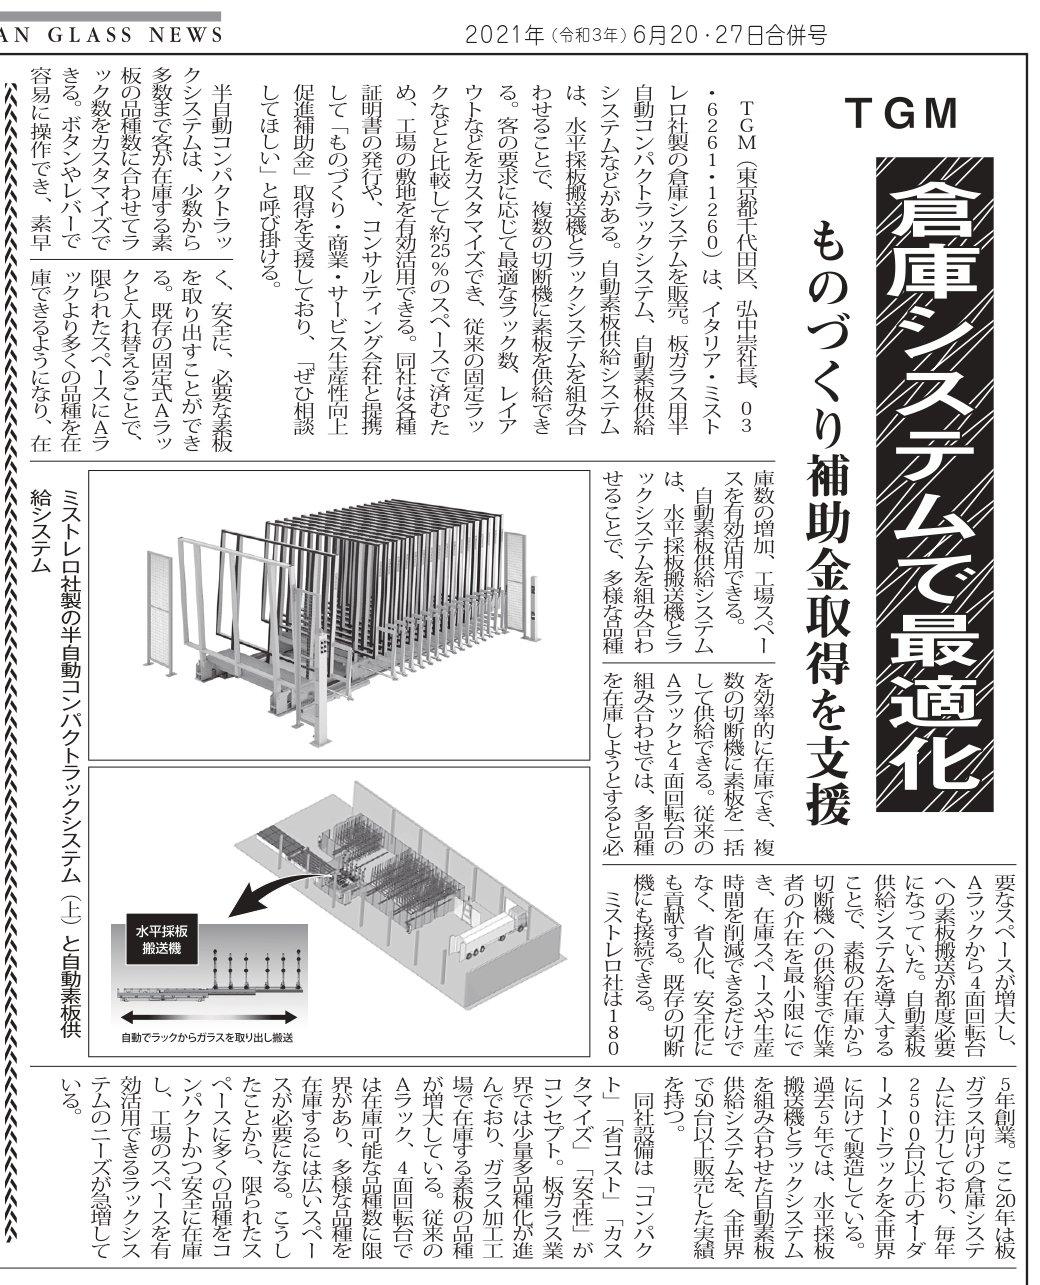 2021.06.20-27 合併号 ガラス・建装時報 記事.pdf_page-0001.jpg